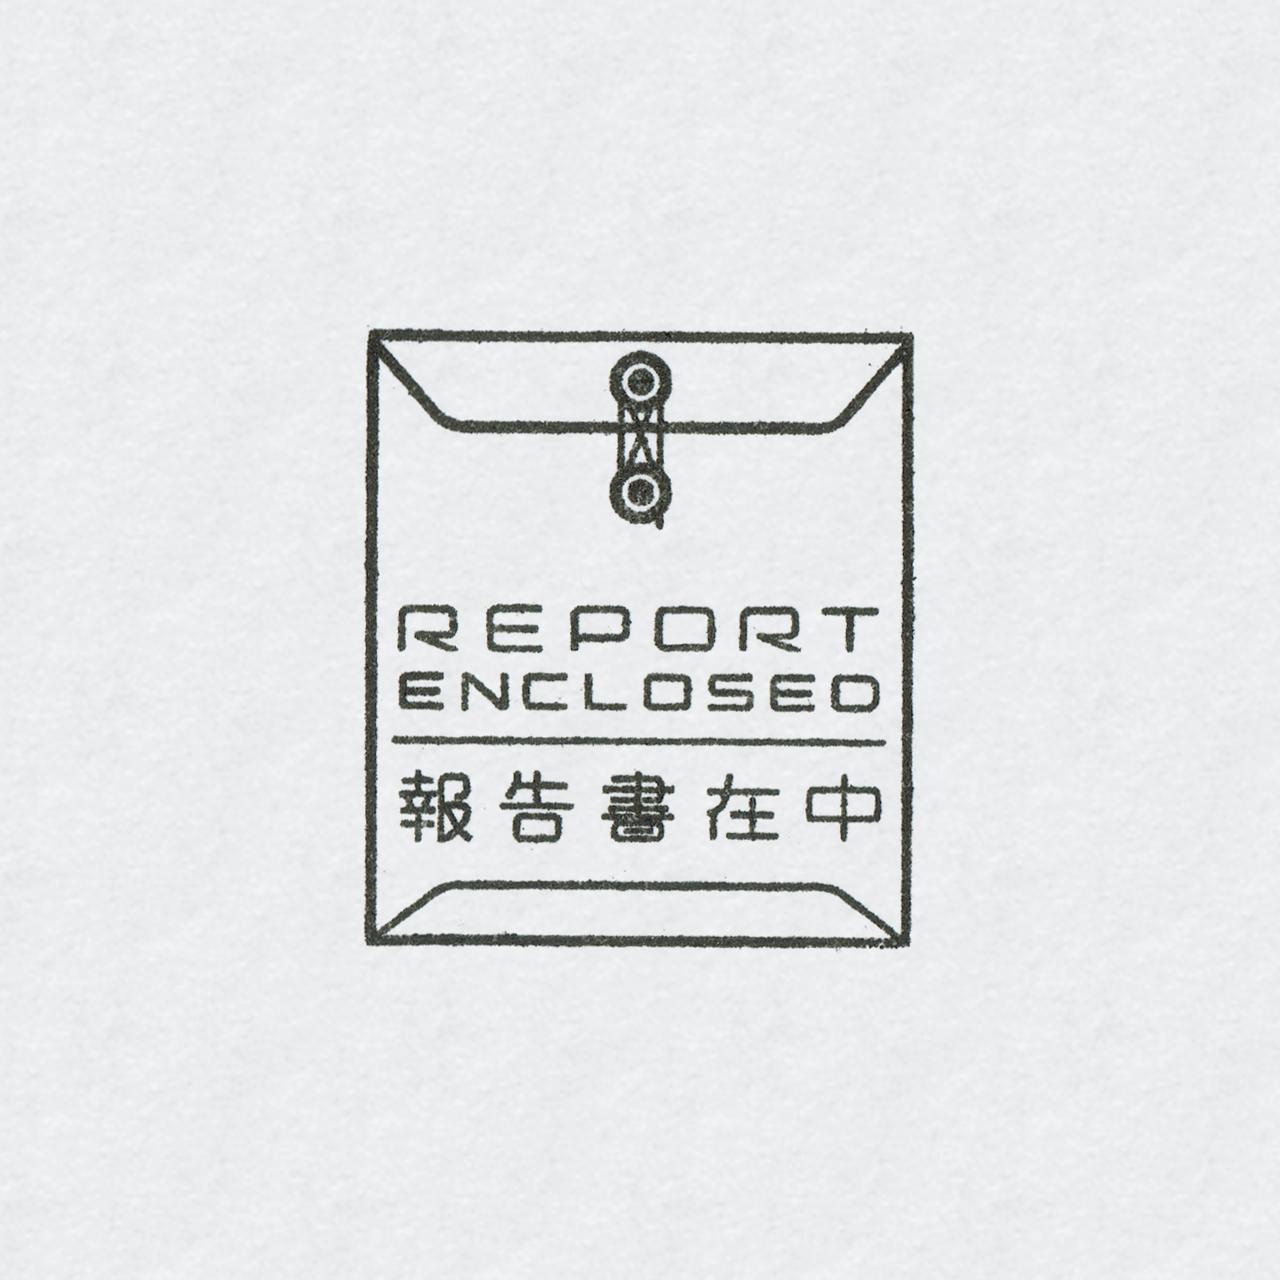 ゴム印 報告書在中 Envelope